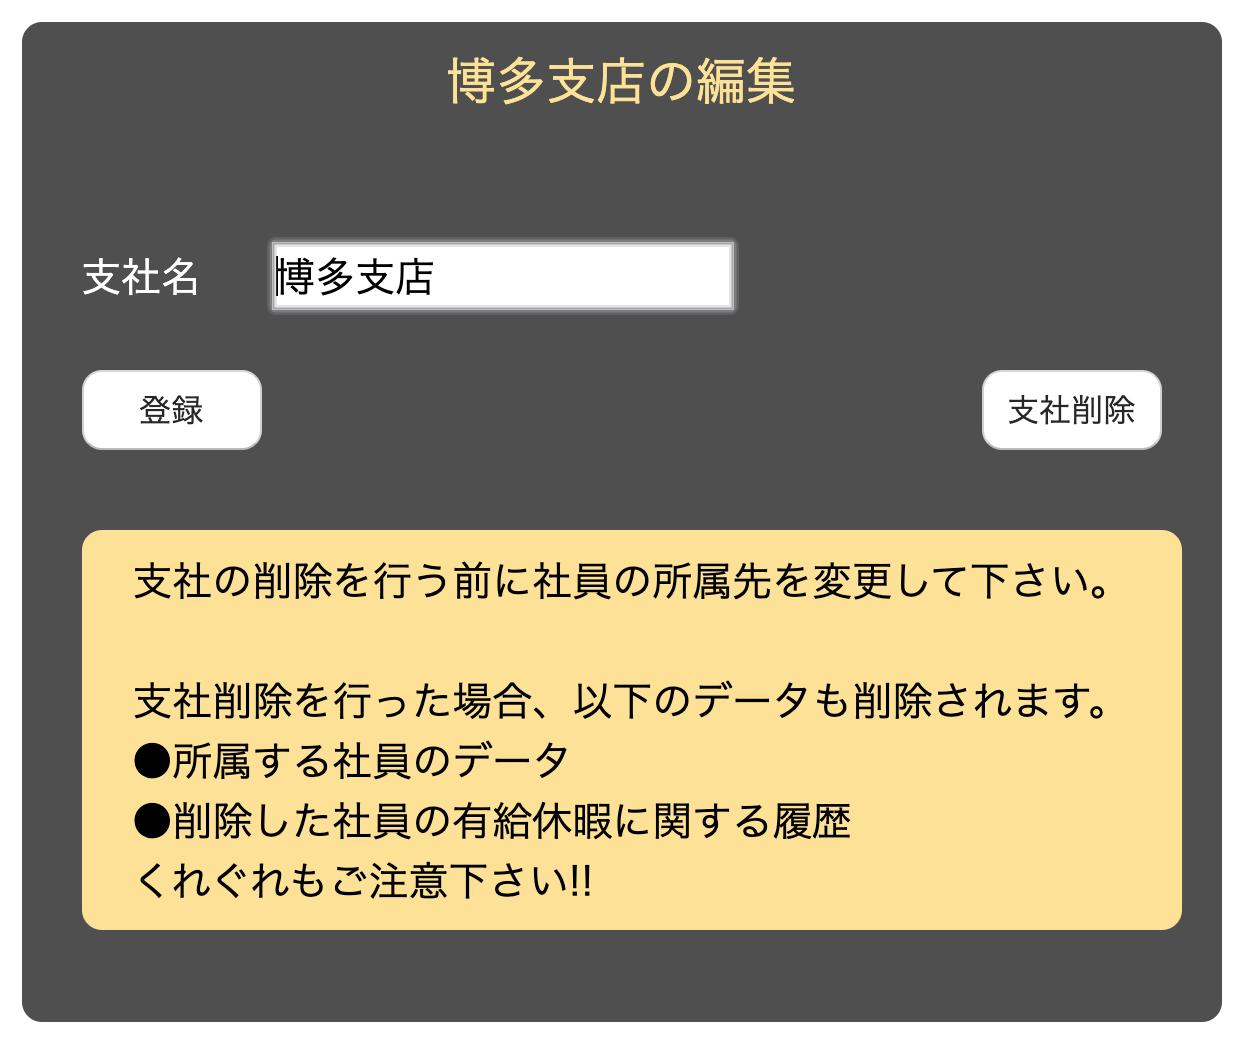 【開発ログ⑭】社員を削除したら有休データも削除したい